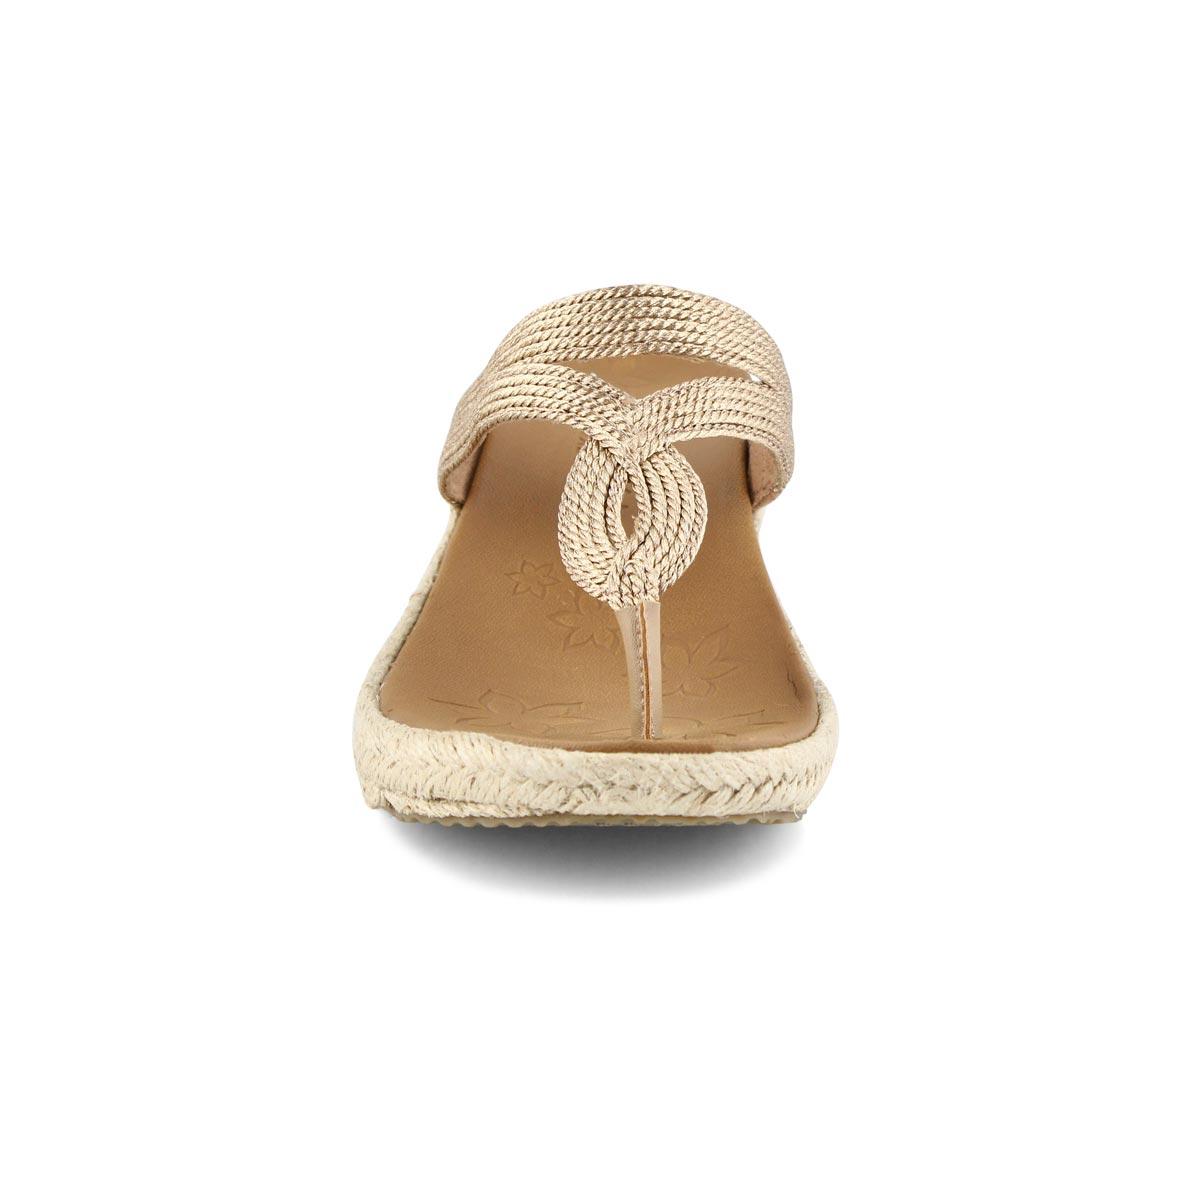 Women's Beverlee Sandal - Rose Gold